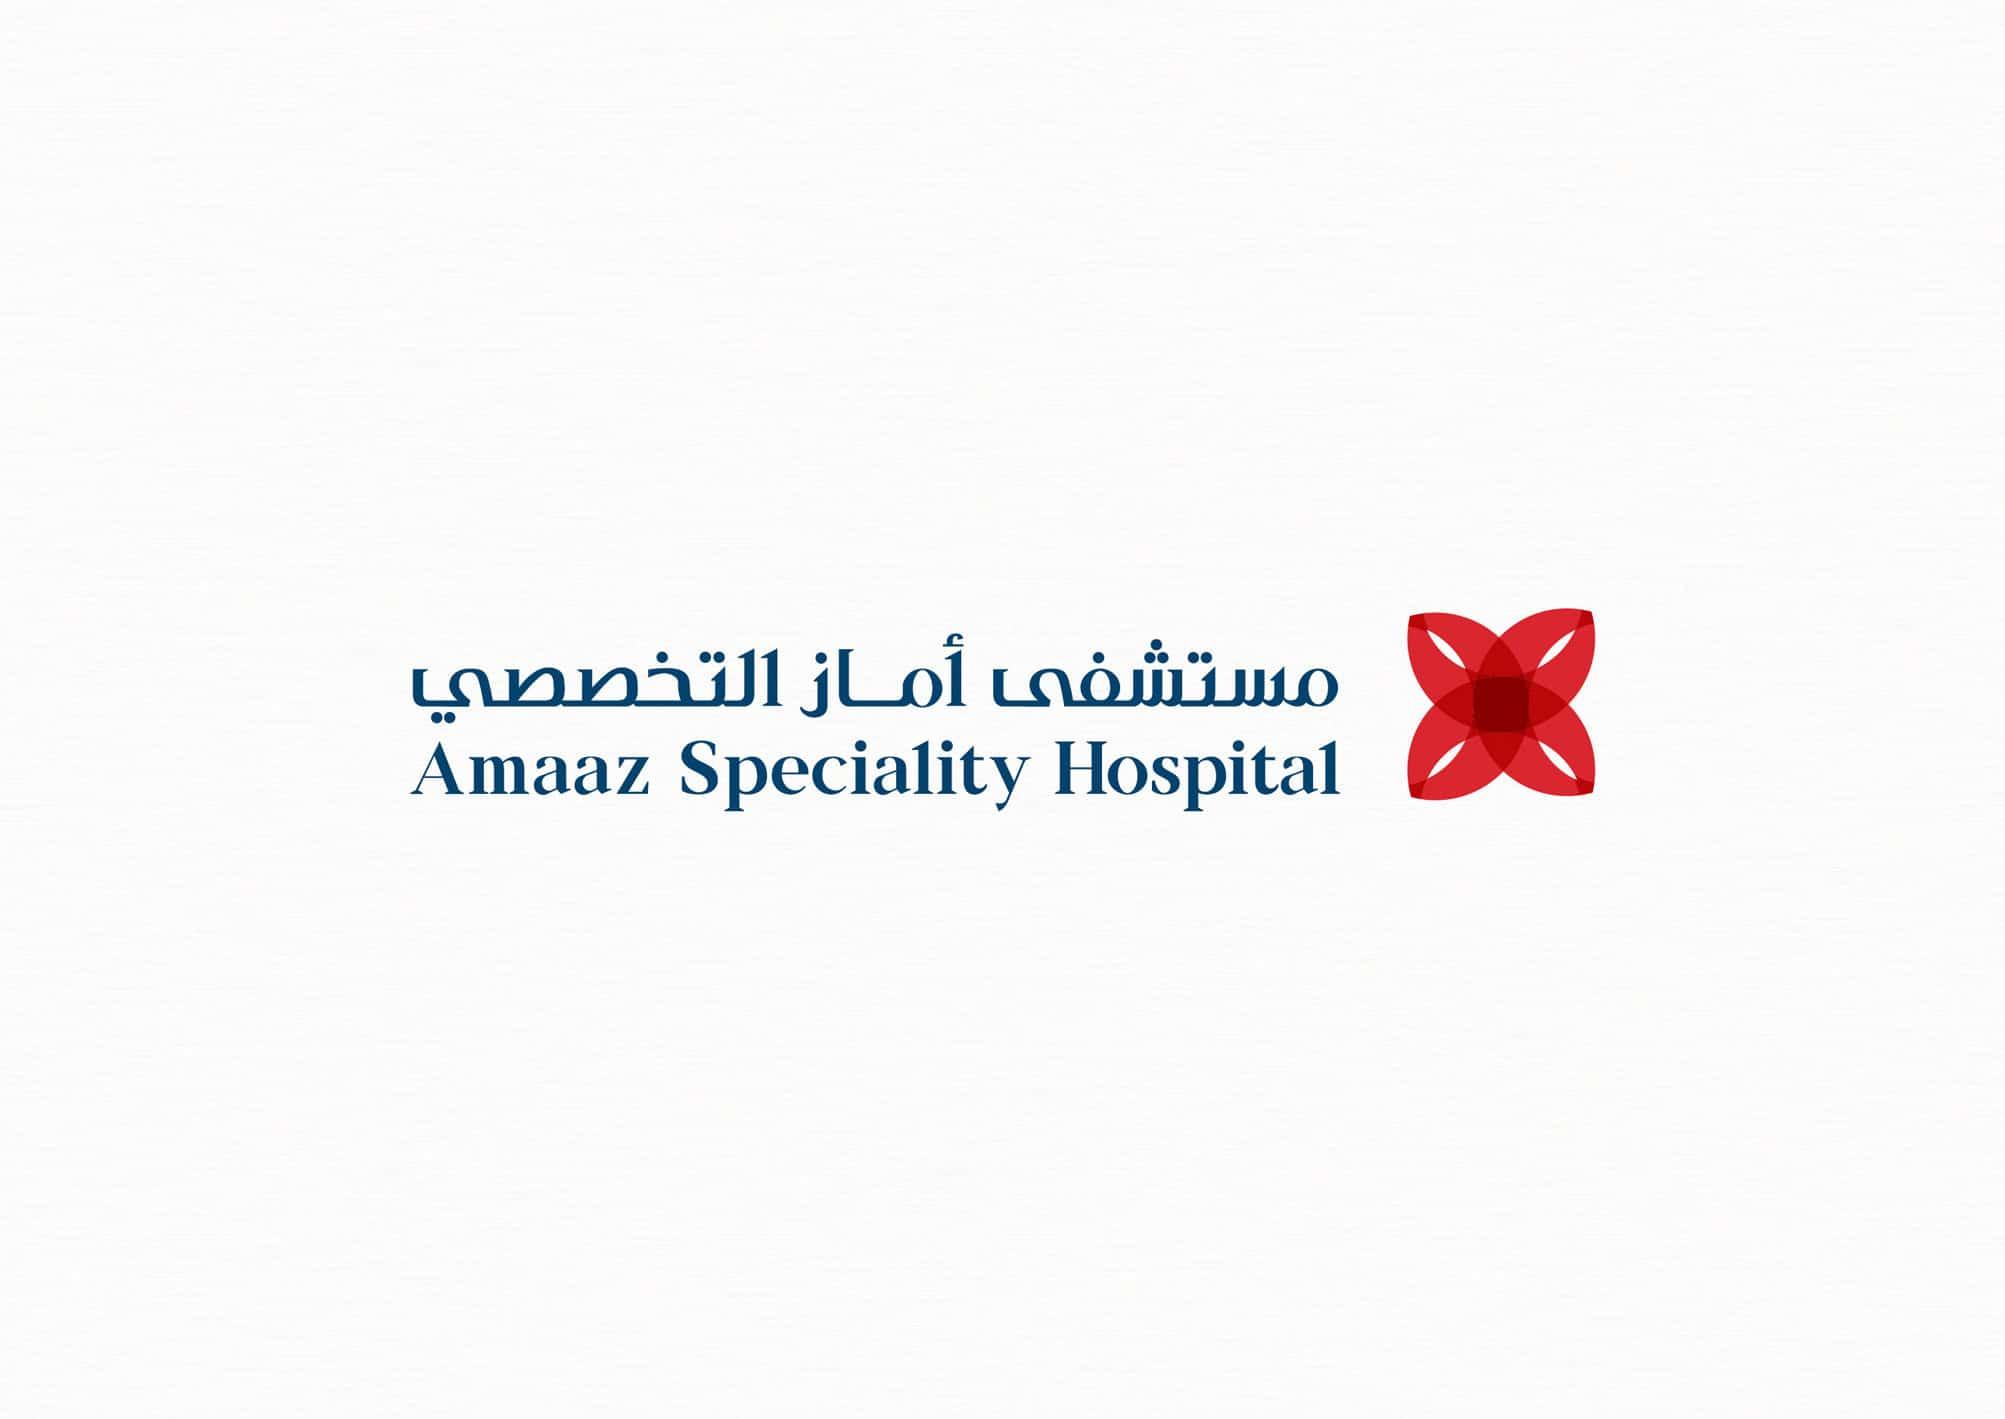 Amaaz Specialty Hospital